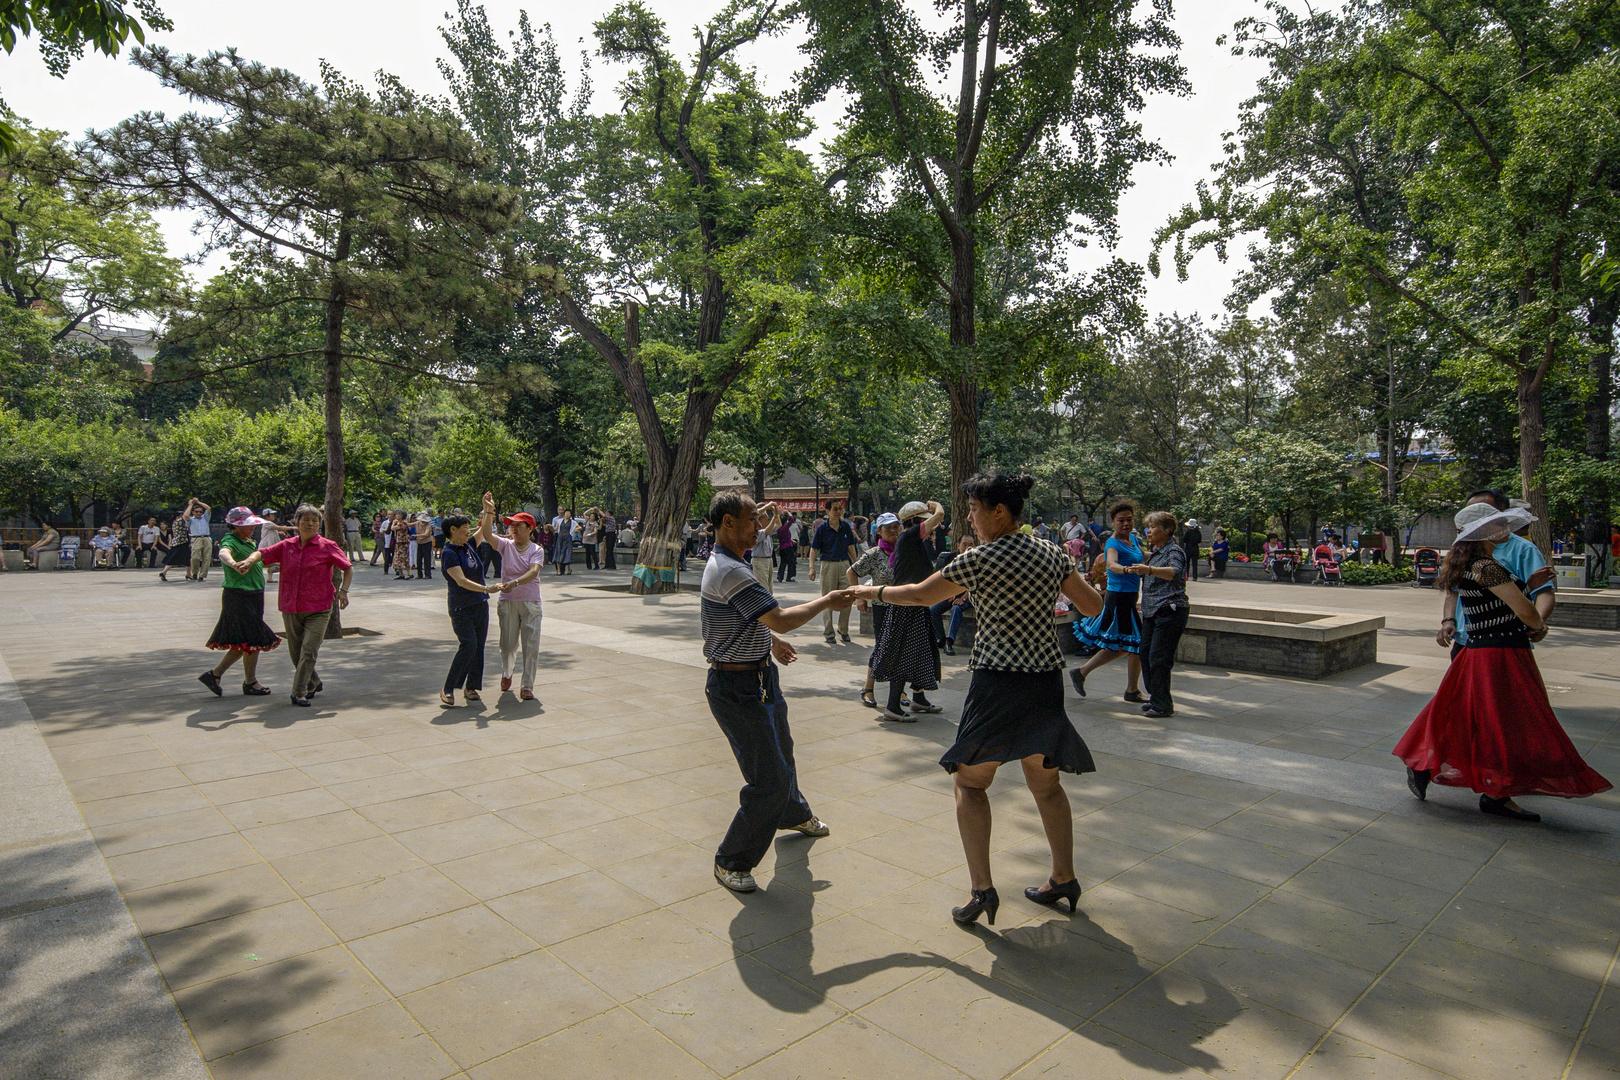 077 - Beijing - Tango Dancing in the Park